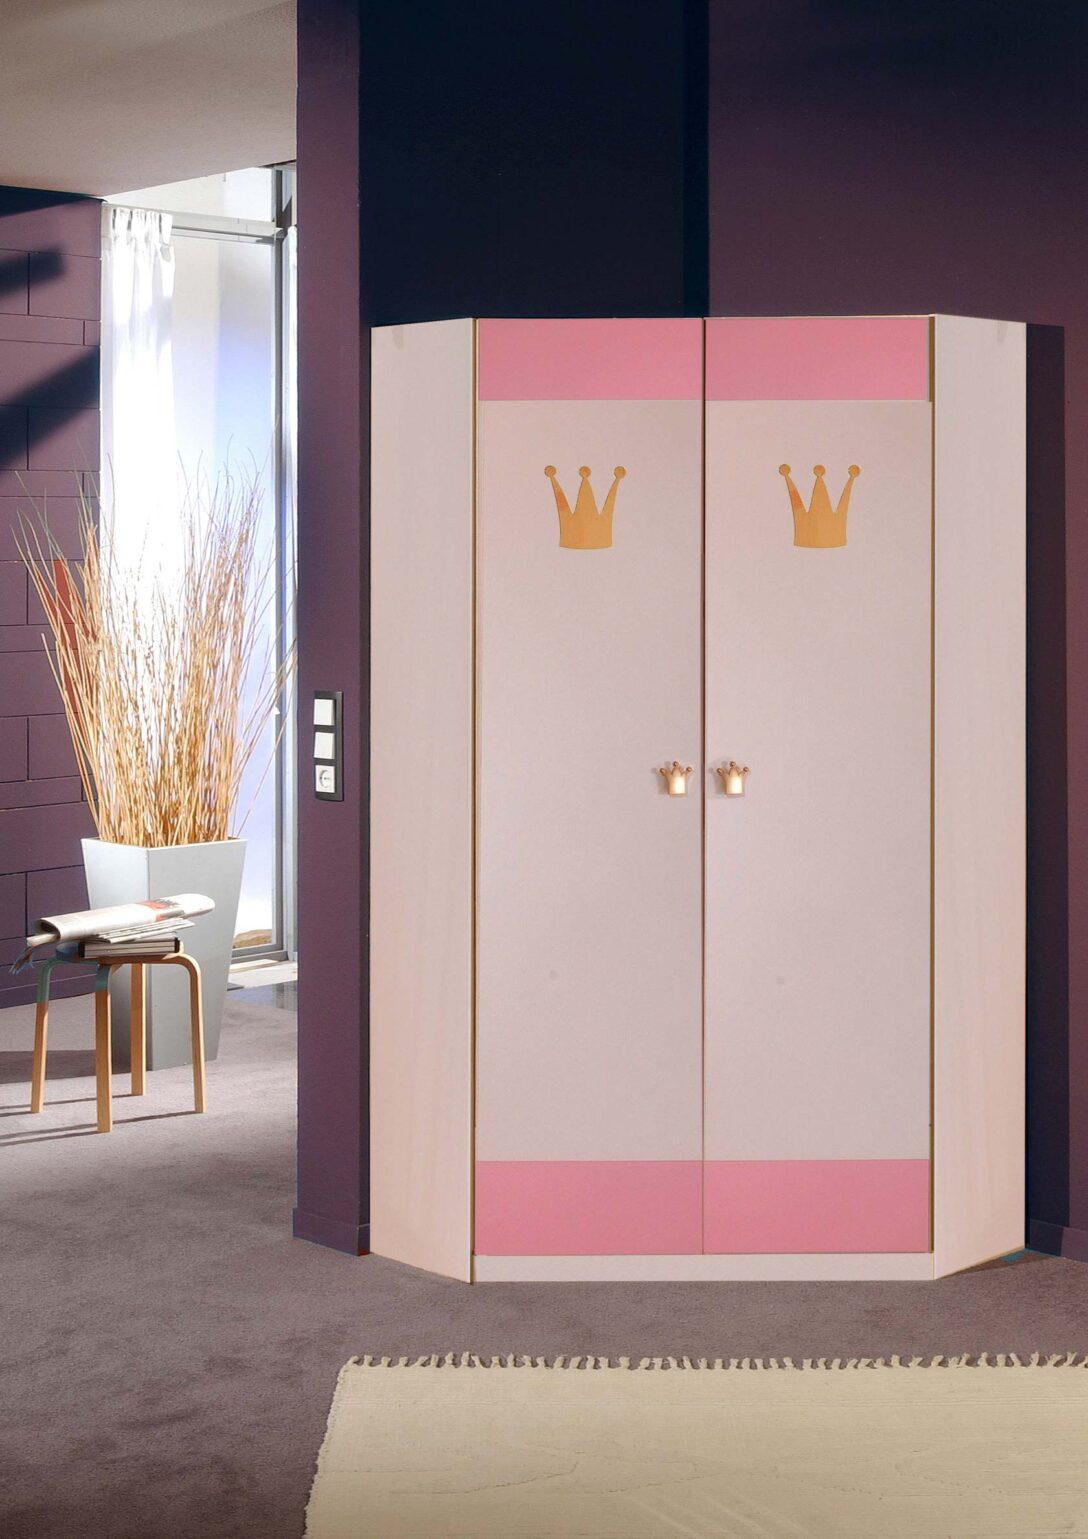 Large Size of Kinderzimmer Eckschrank 59ce7cf2083c8 Küche Regal Bad Regale Sofa Weiß Schlafzimmer Wohnzimmer Kinderzimmer Eckschrank